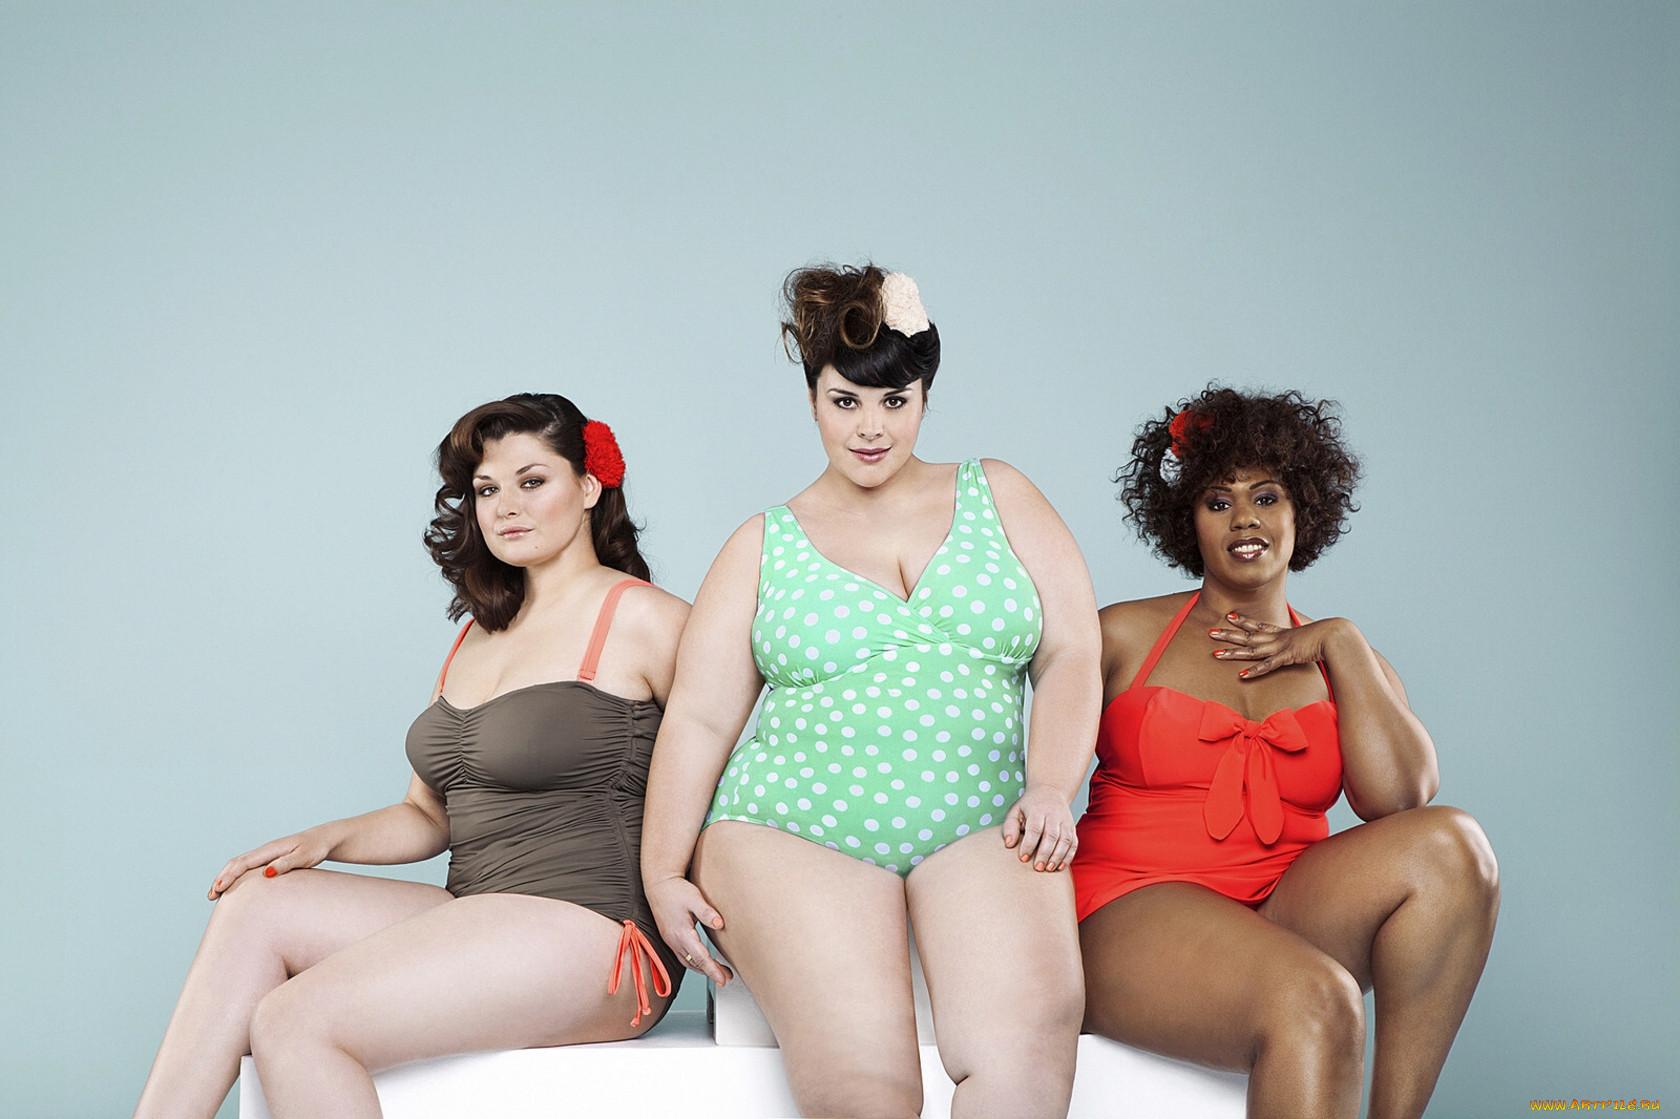 Секс красивая толстуха, Порно толстушки - секс толстушки и порно полных 6 фотография